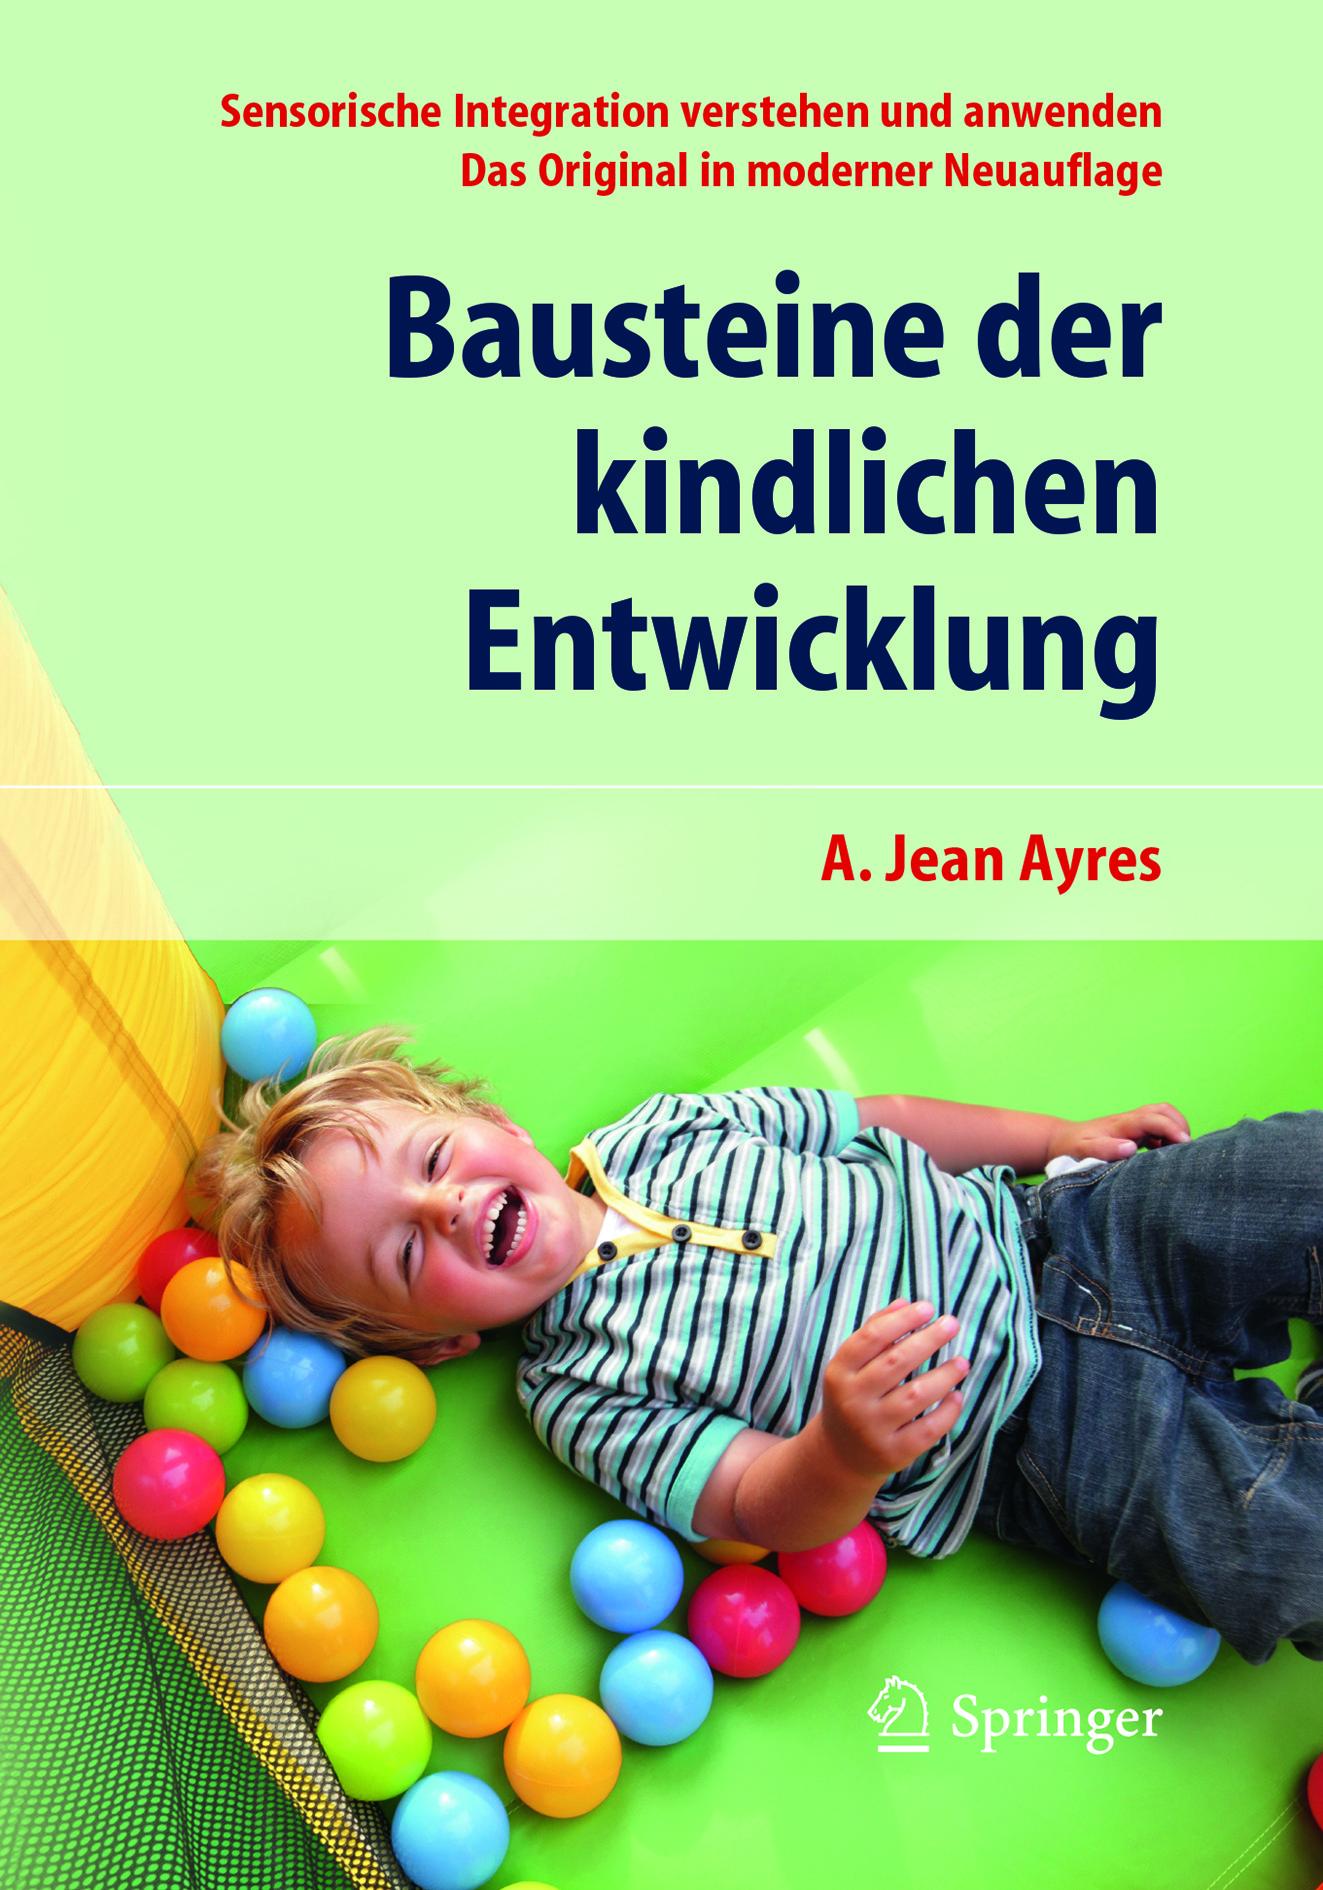 Ayres, A. Jean - Bausteine der kindlichen Entwicklung, ebook